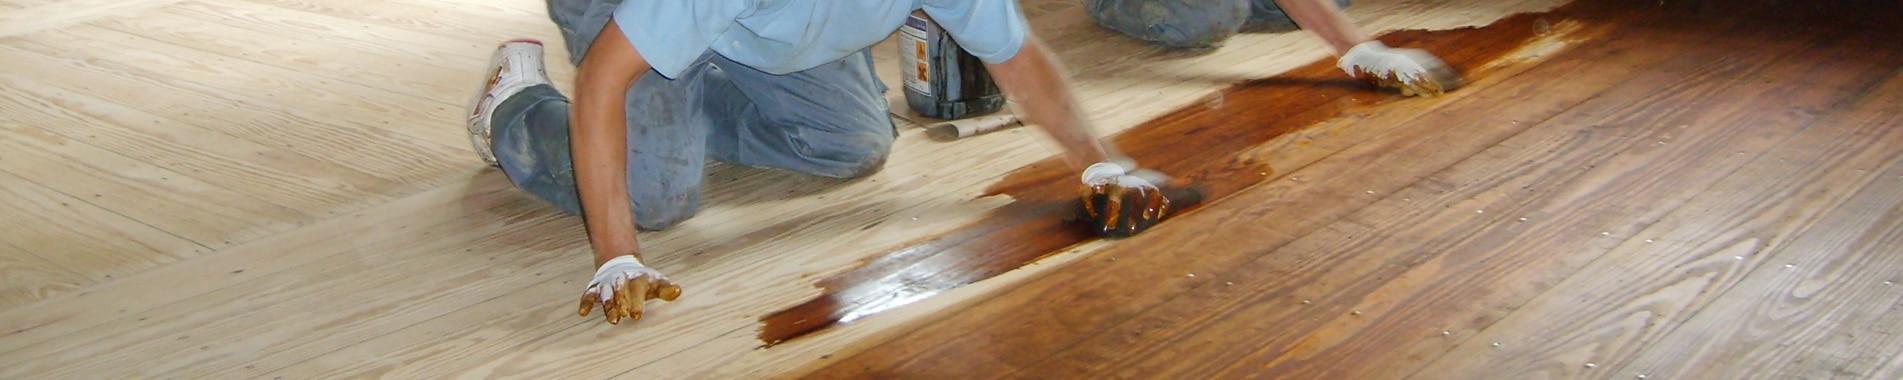 woodfloor-waxing